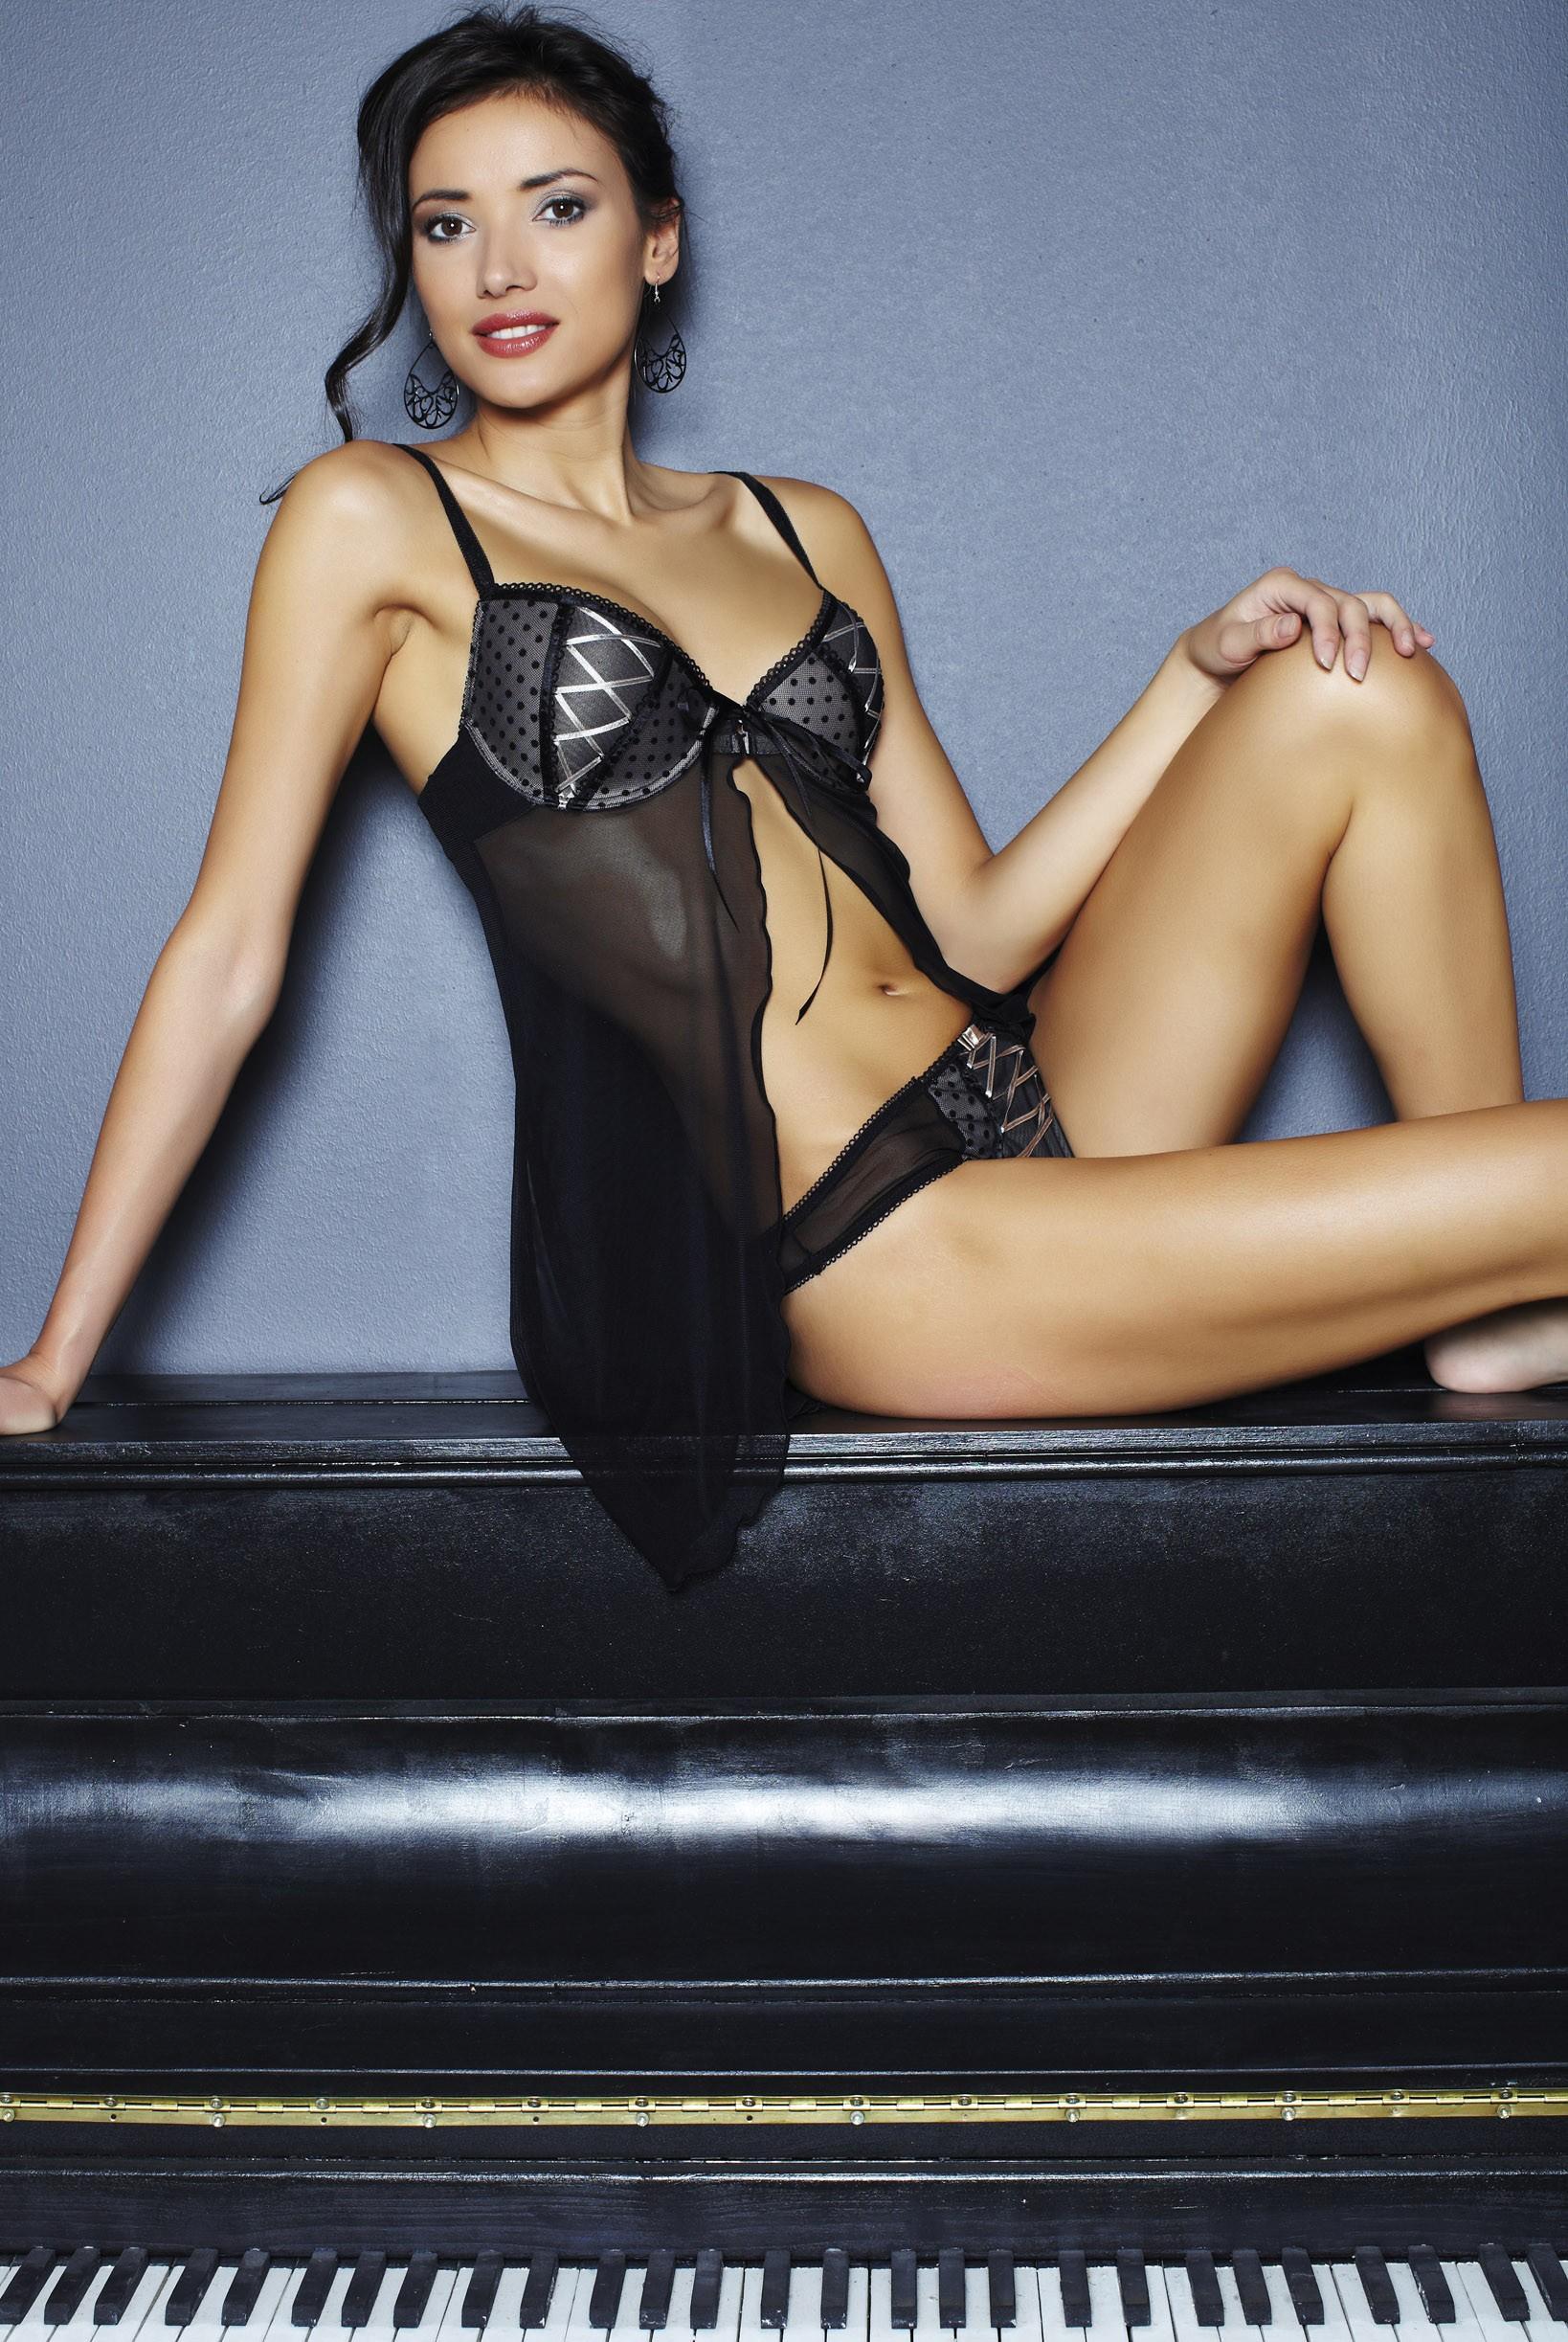 combinette ouverte steffy lingerie friponne noire